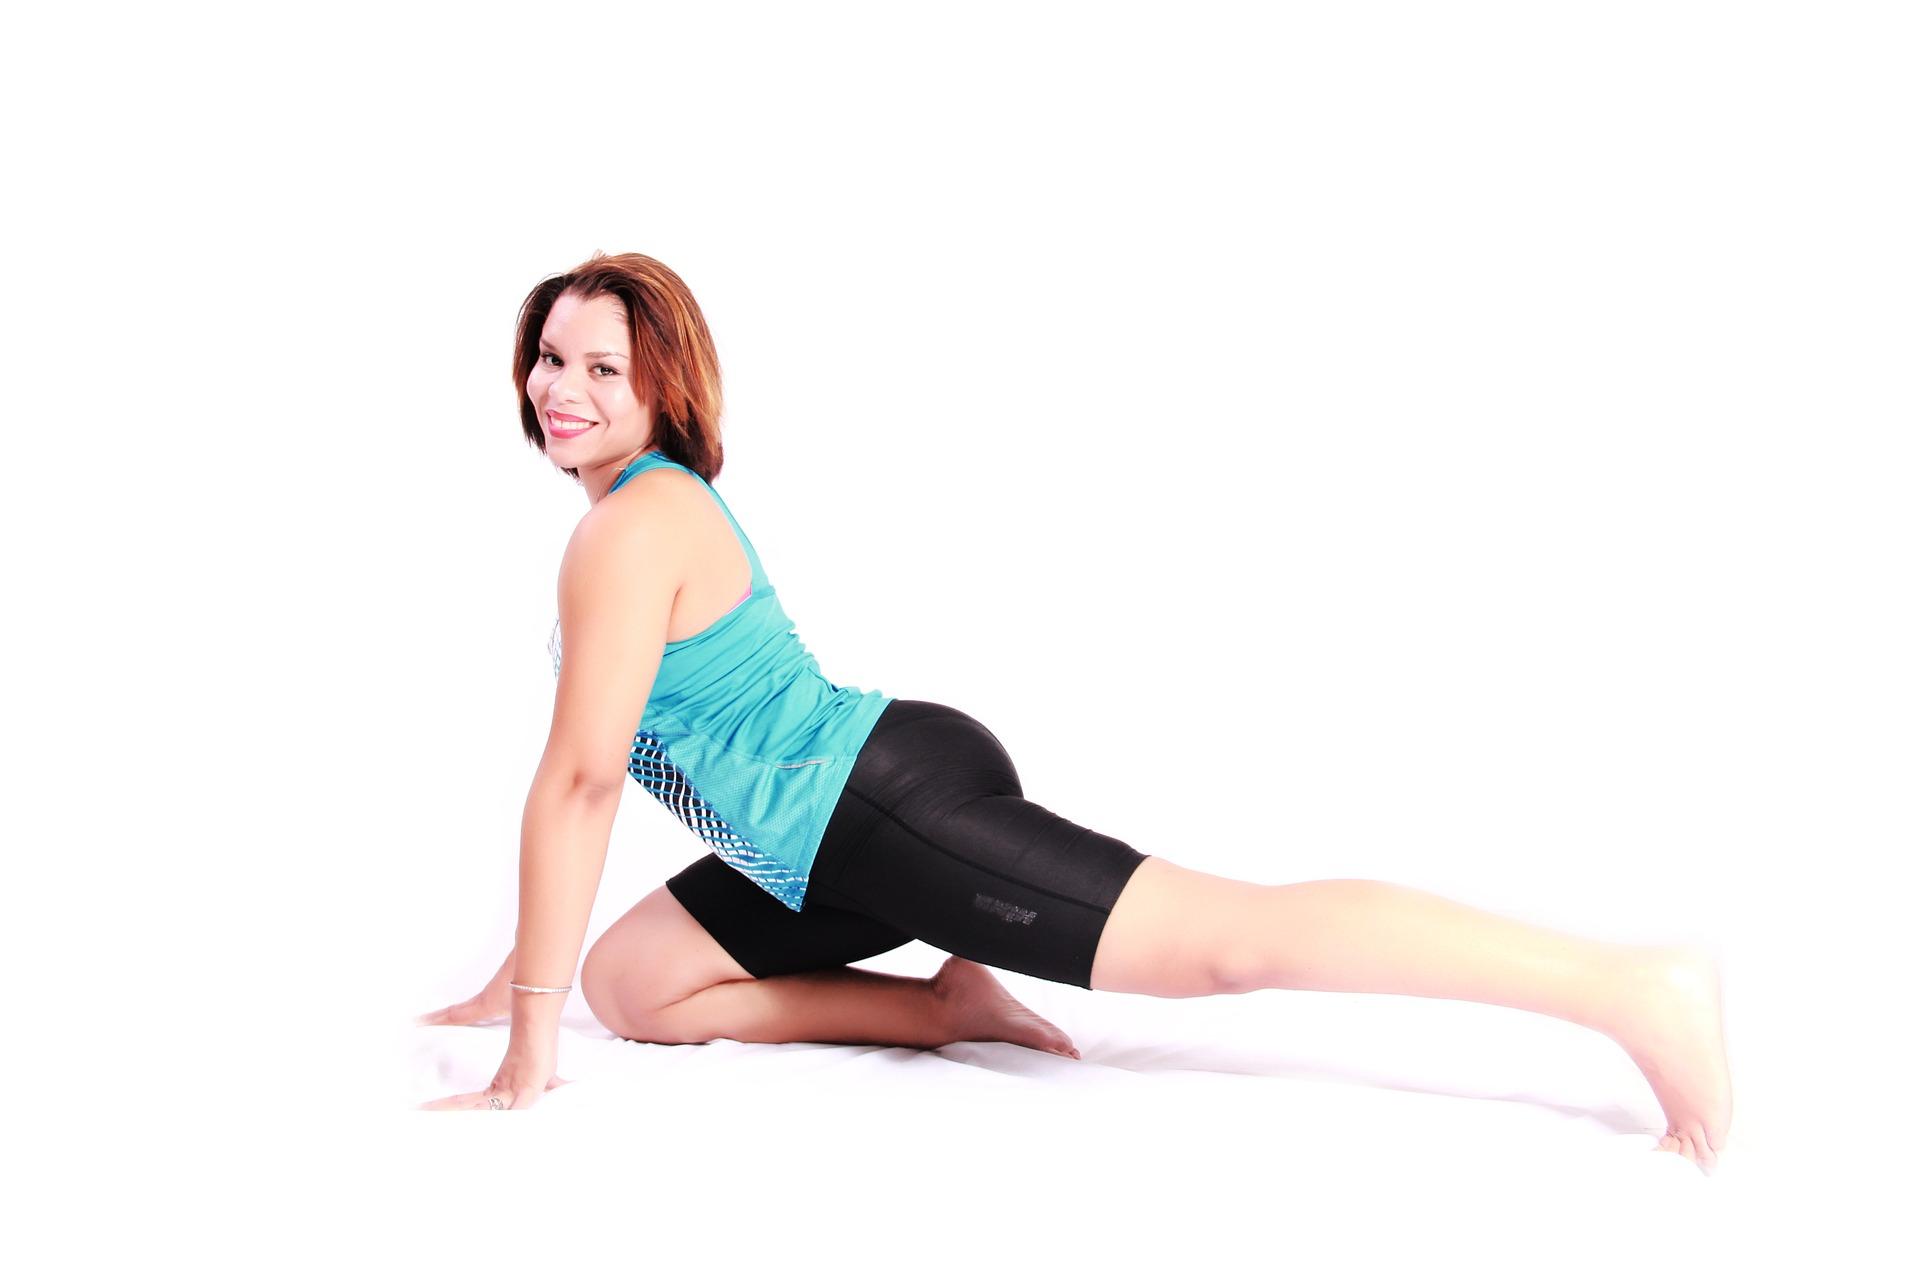 5 perc edzés a fogyáshoz már egy jó kezdet